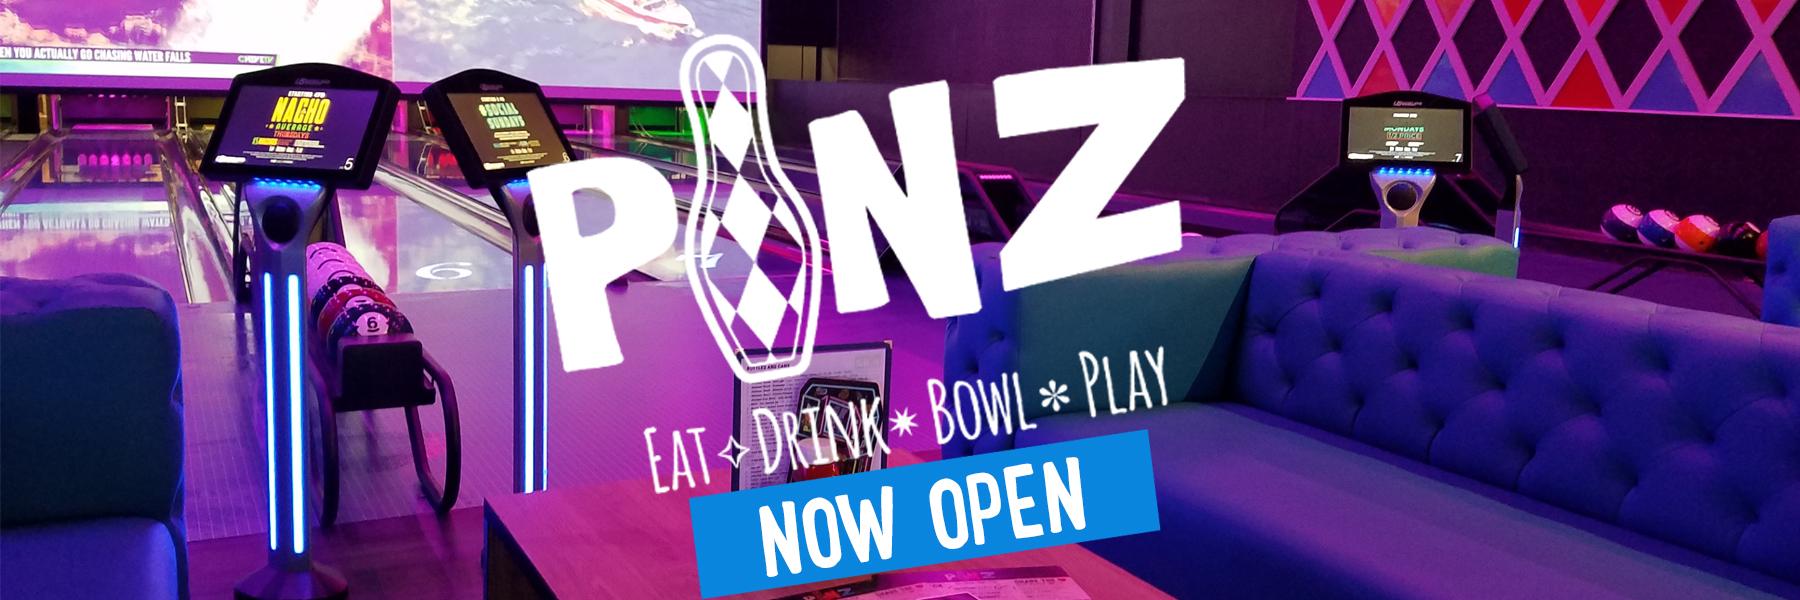 PiNZ Now Open